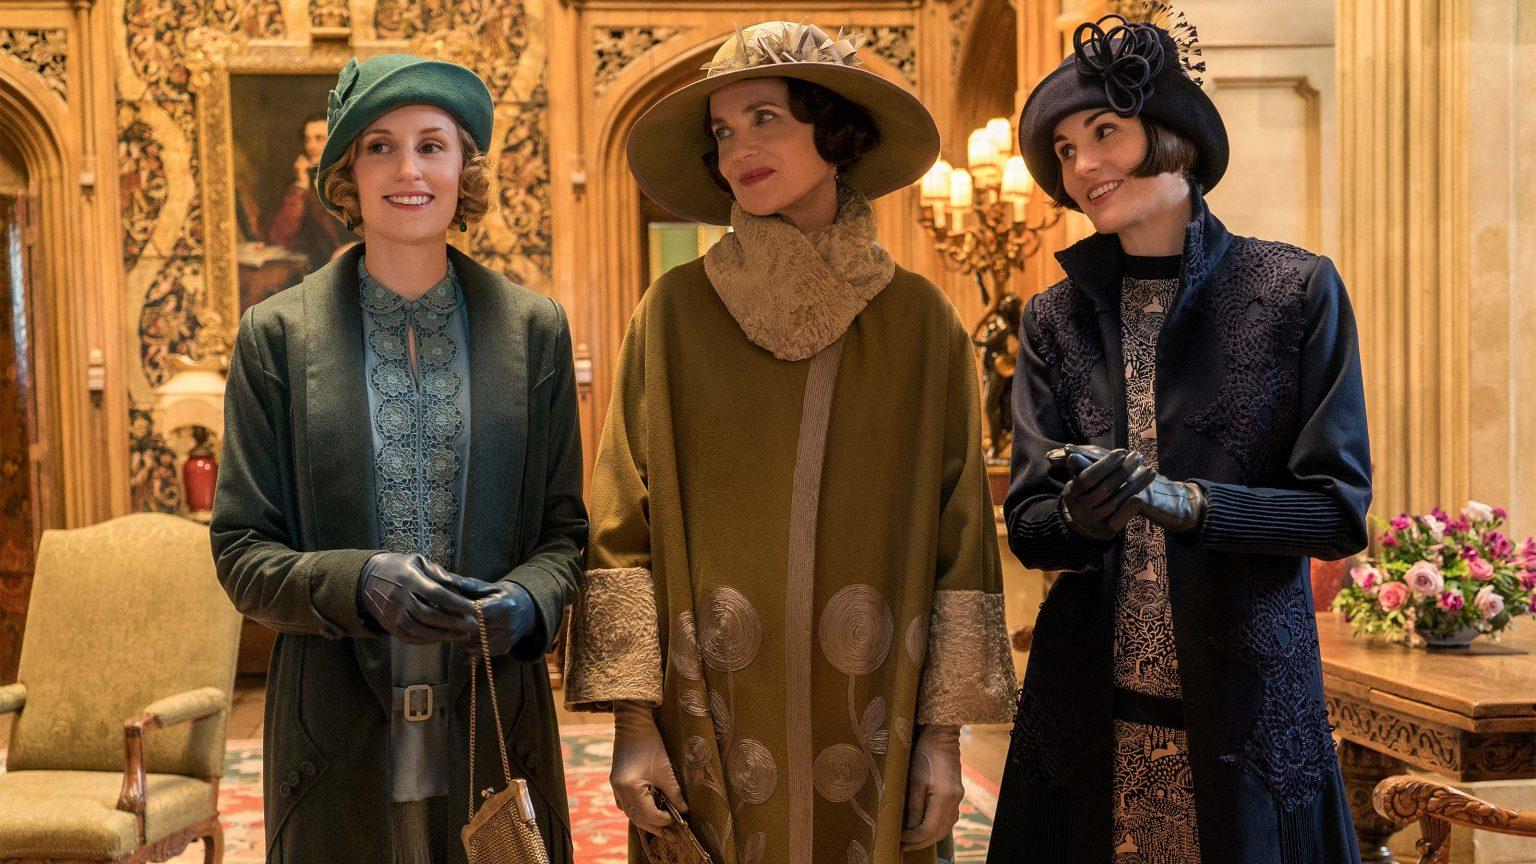 Slideshow: Downton Abbey Movie